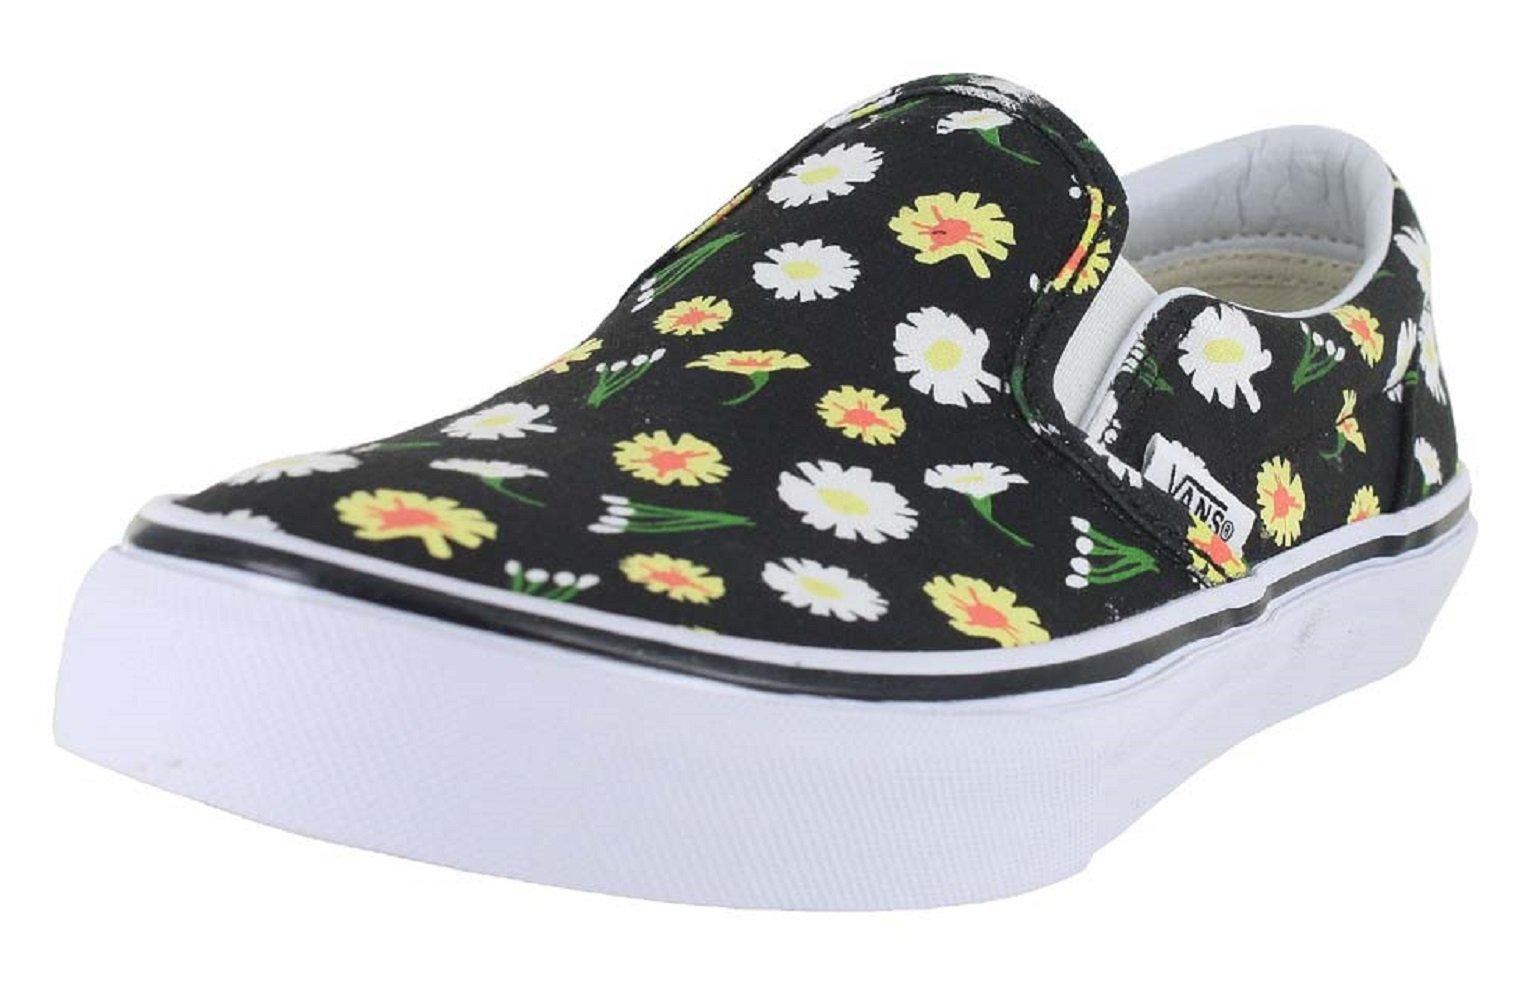 Vans K Slip-ON Daisy Black White Size 6